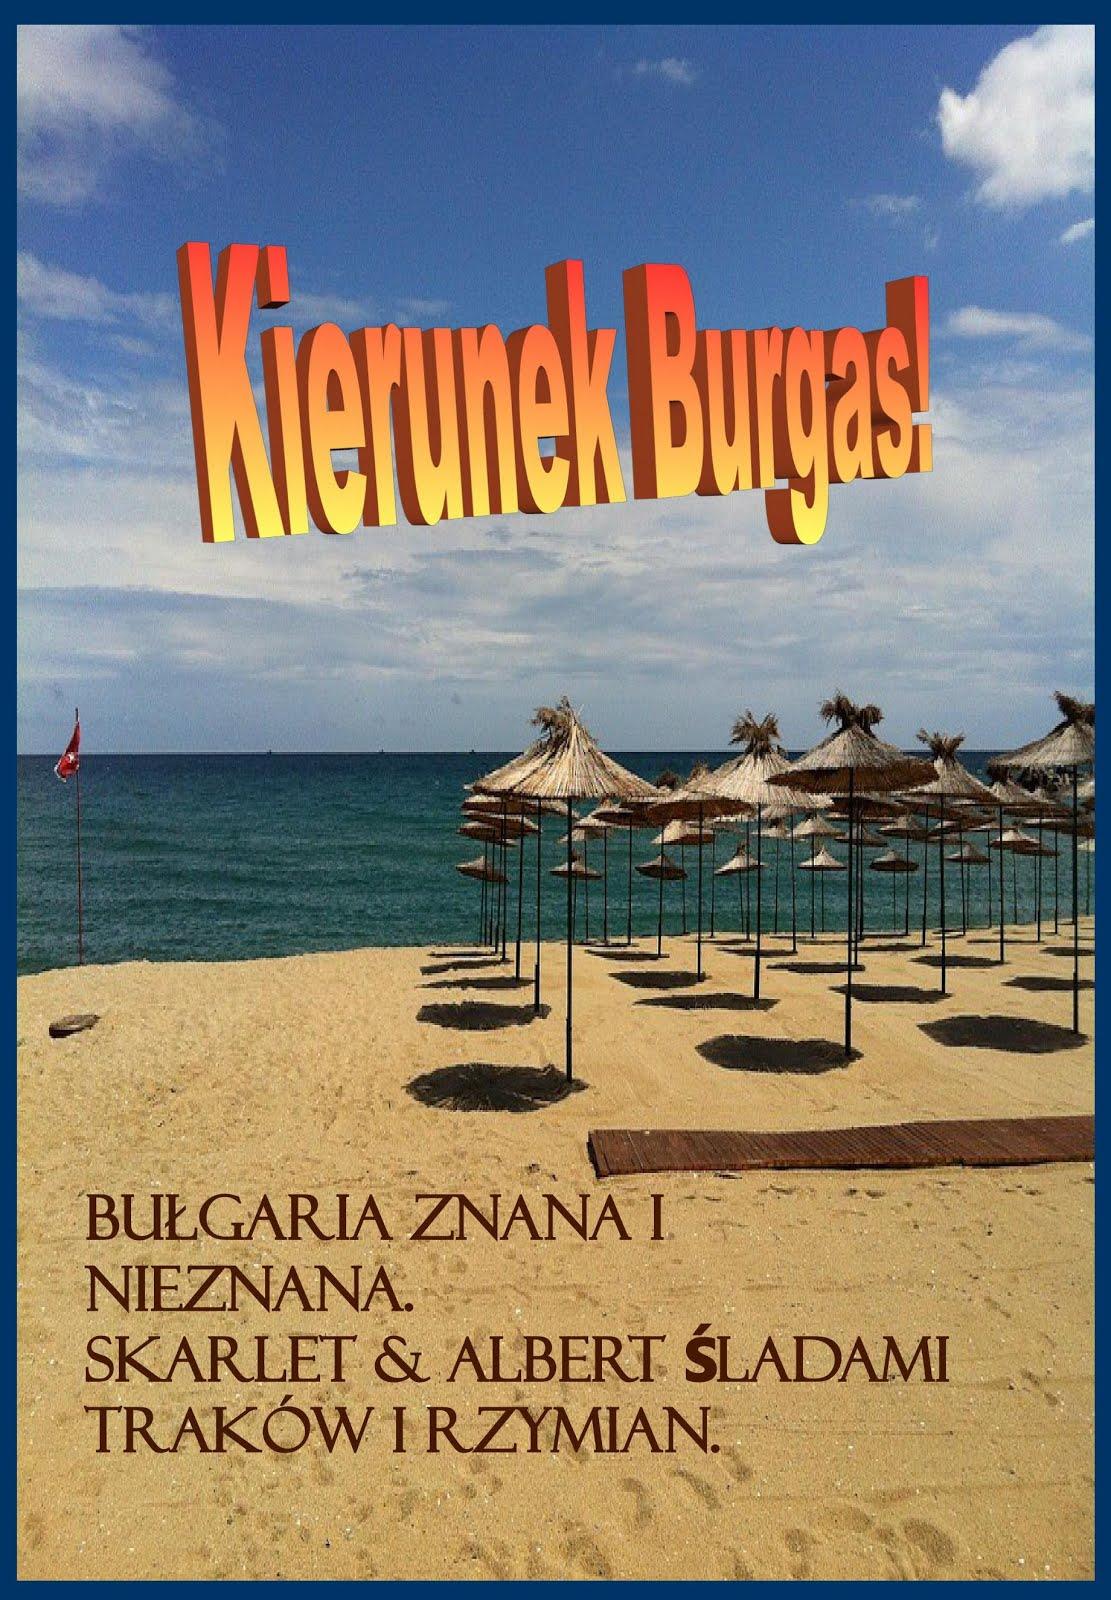 Bułgaria znana i nieznana: Kierunek Burgas!